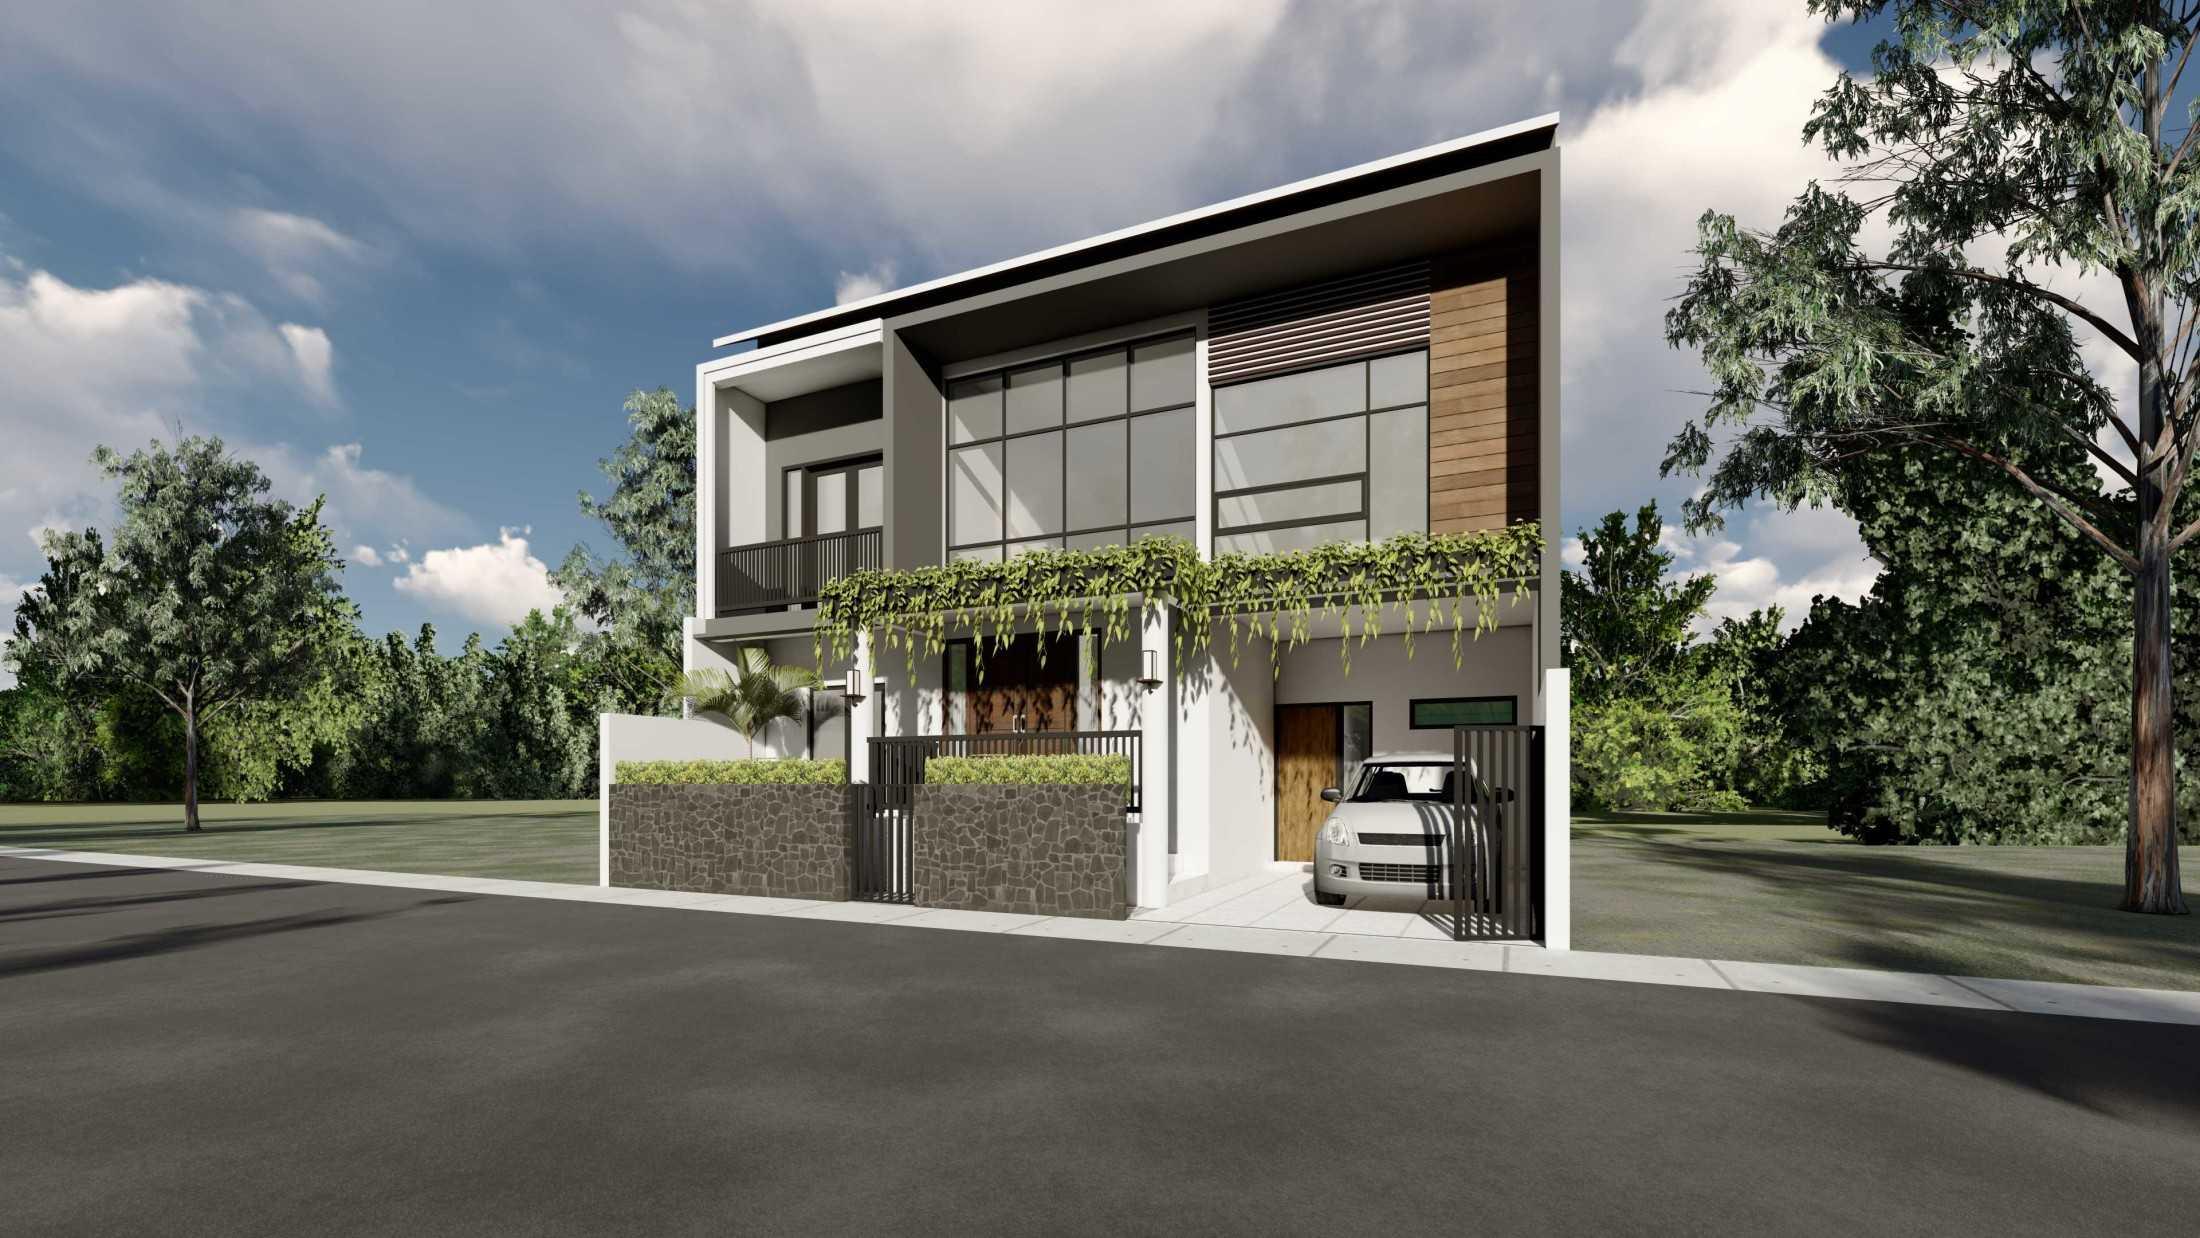 Astabumi Studio Ws House Slawi Tegal, Kota Tegal, Jawa Tengah, Indonesia Padang Cv-Astabumi-Manunggal-Prakarsa-Rumah-2-Lantai-Modern-Lokal  119348